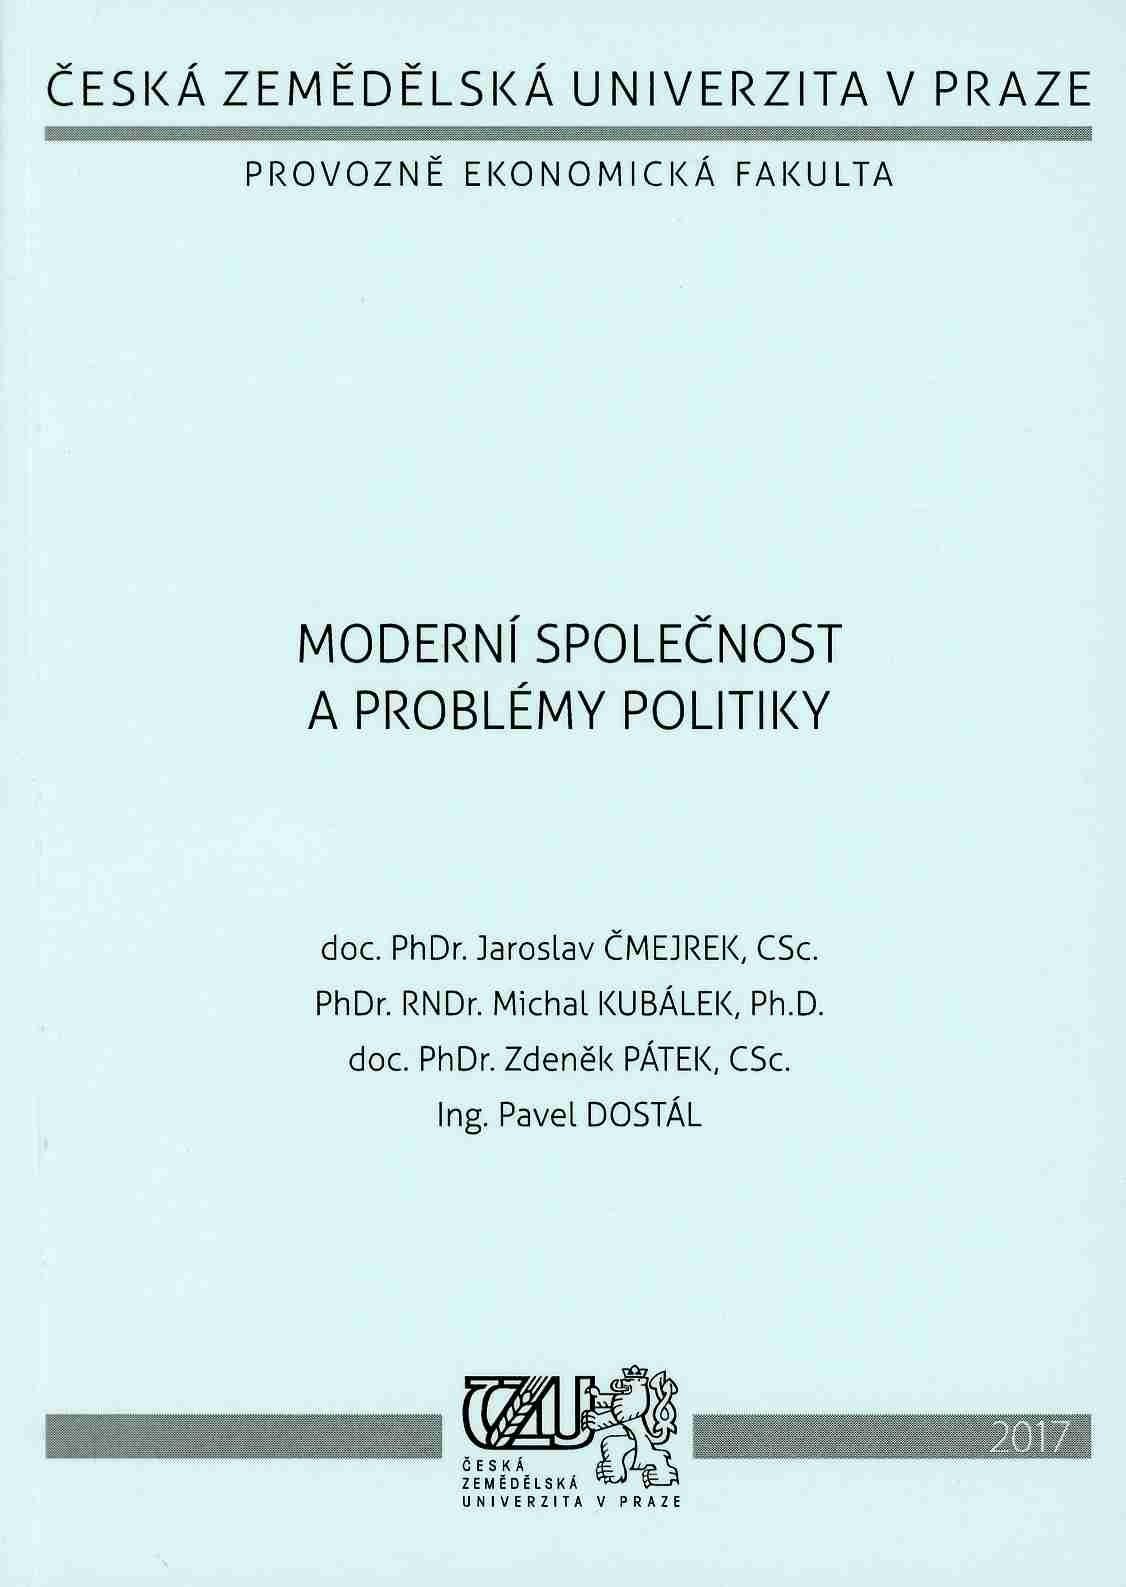 Moderní společnost a problémy politiky